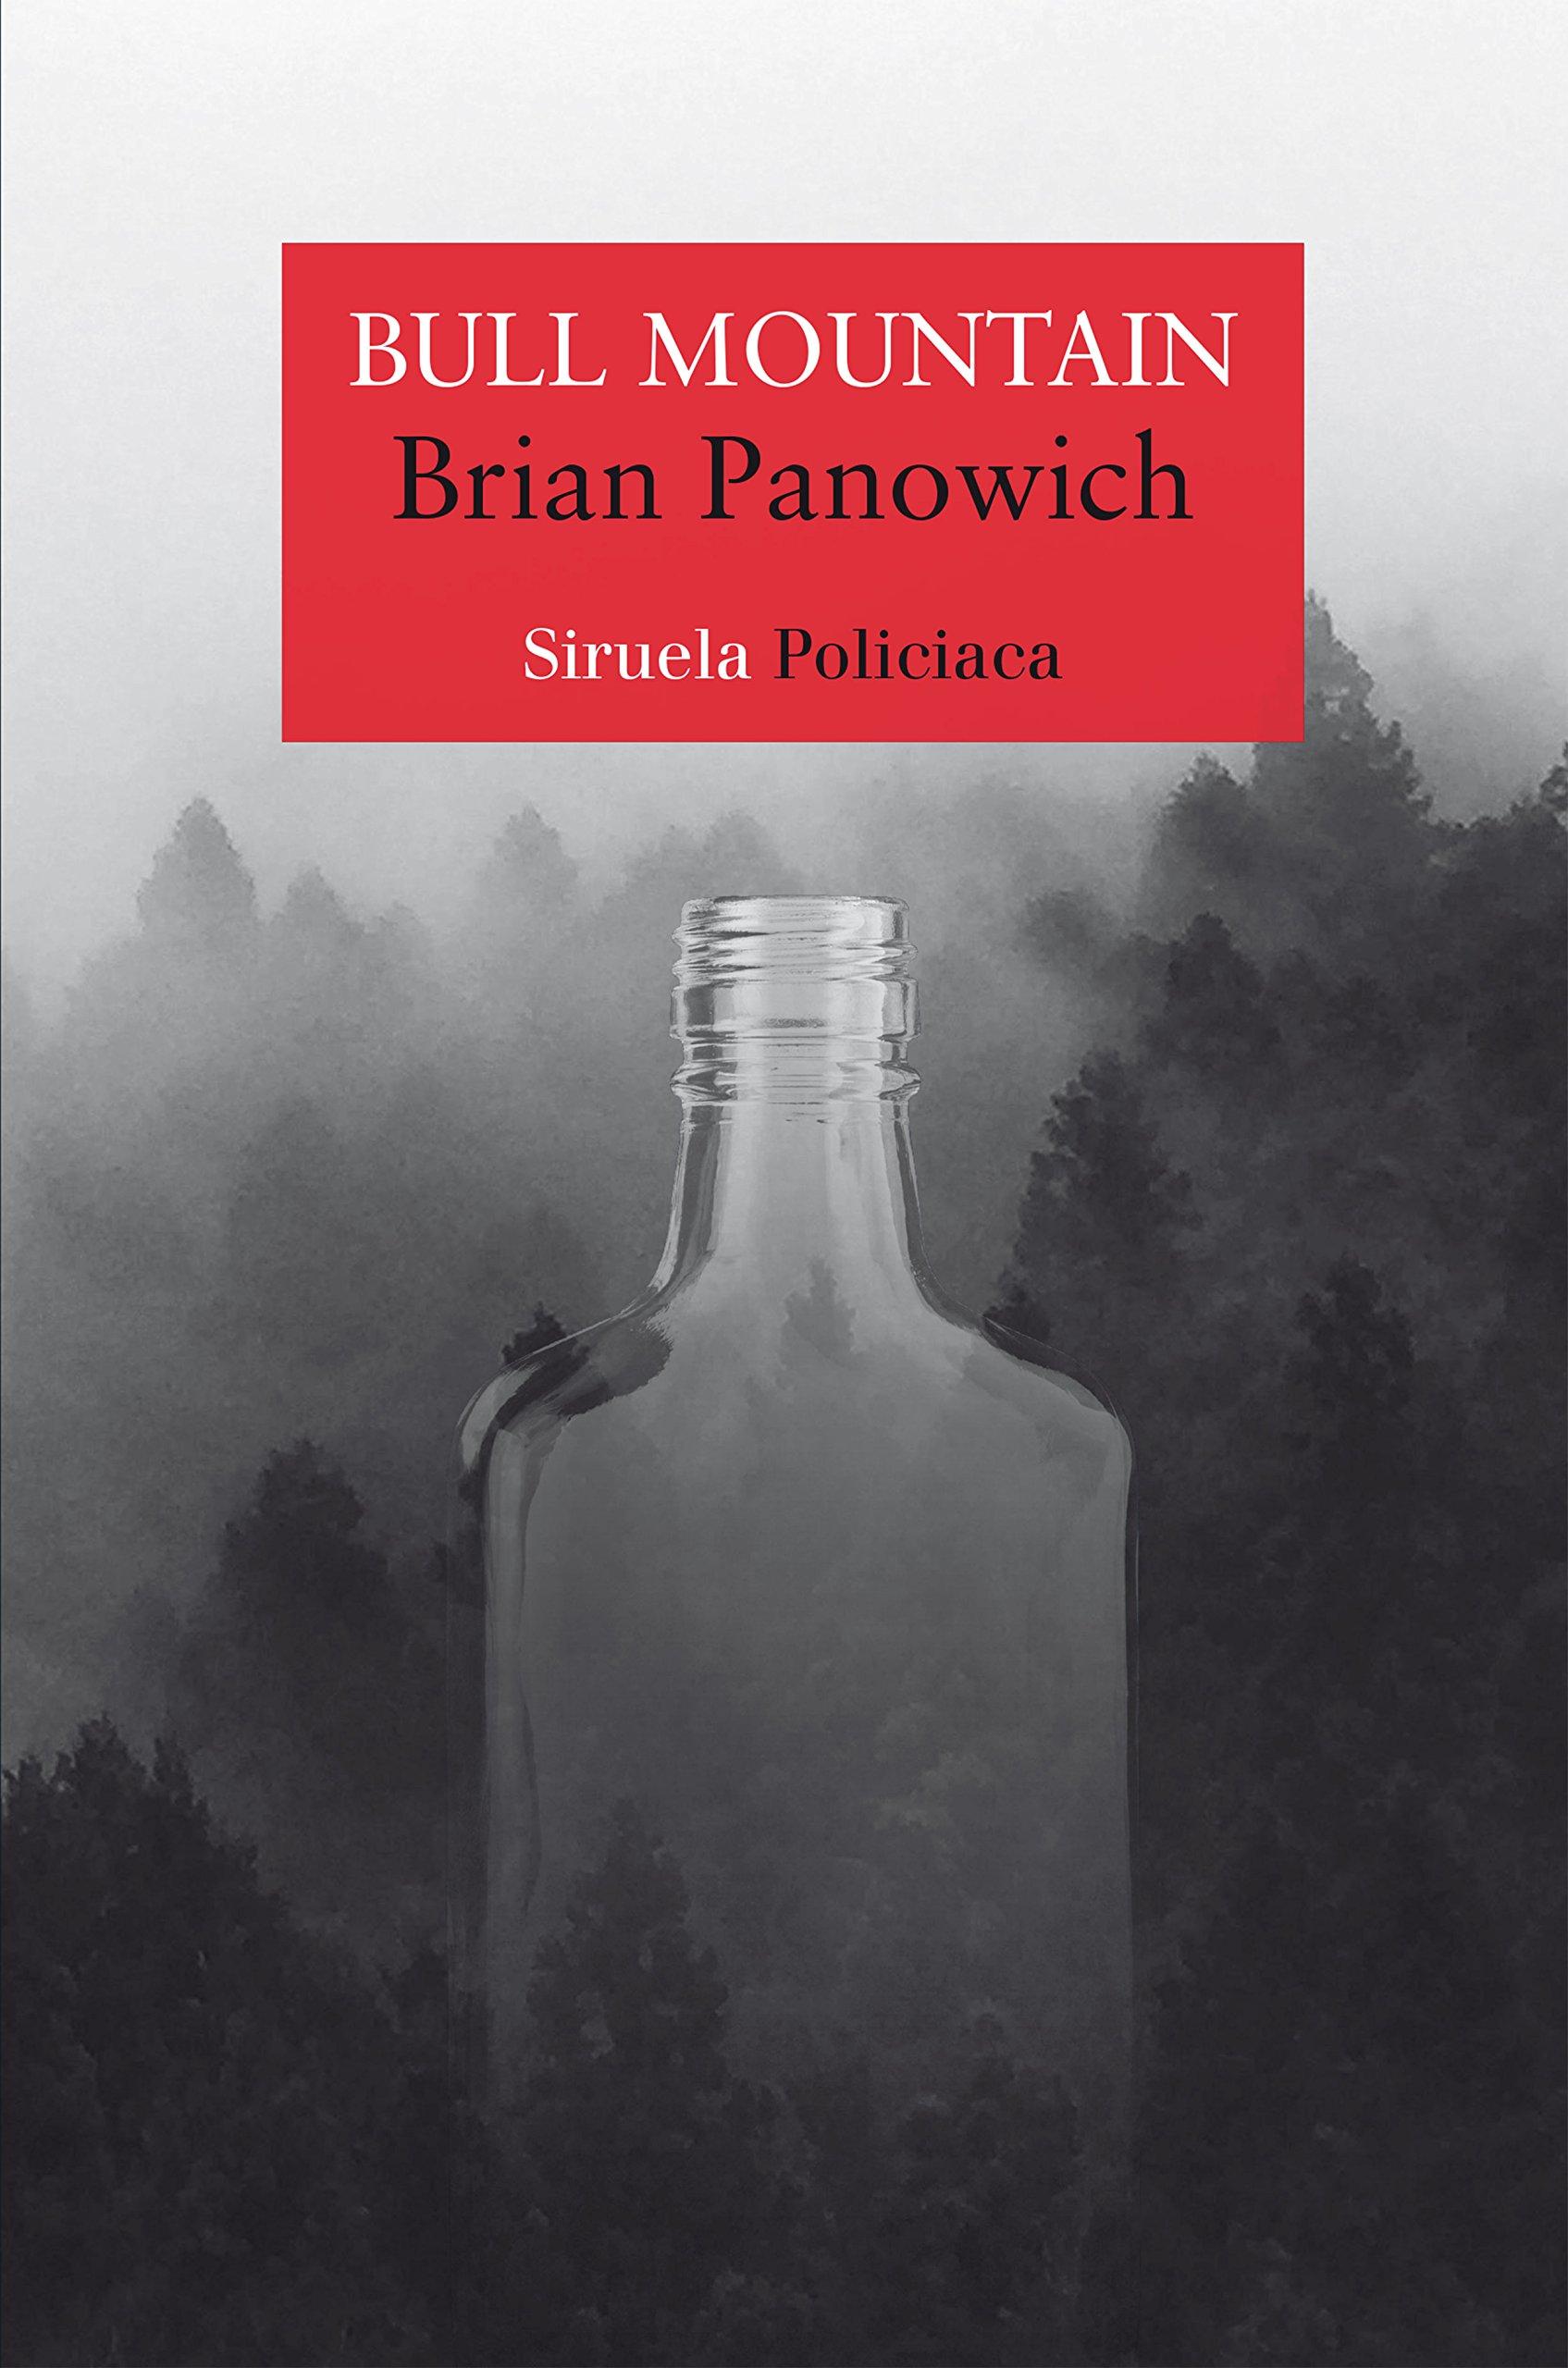 Literatura de cloaca, novelistas malditos (Bunker, Crews, Pollock...) - Página 11 81YfiLYRy0L